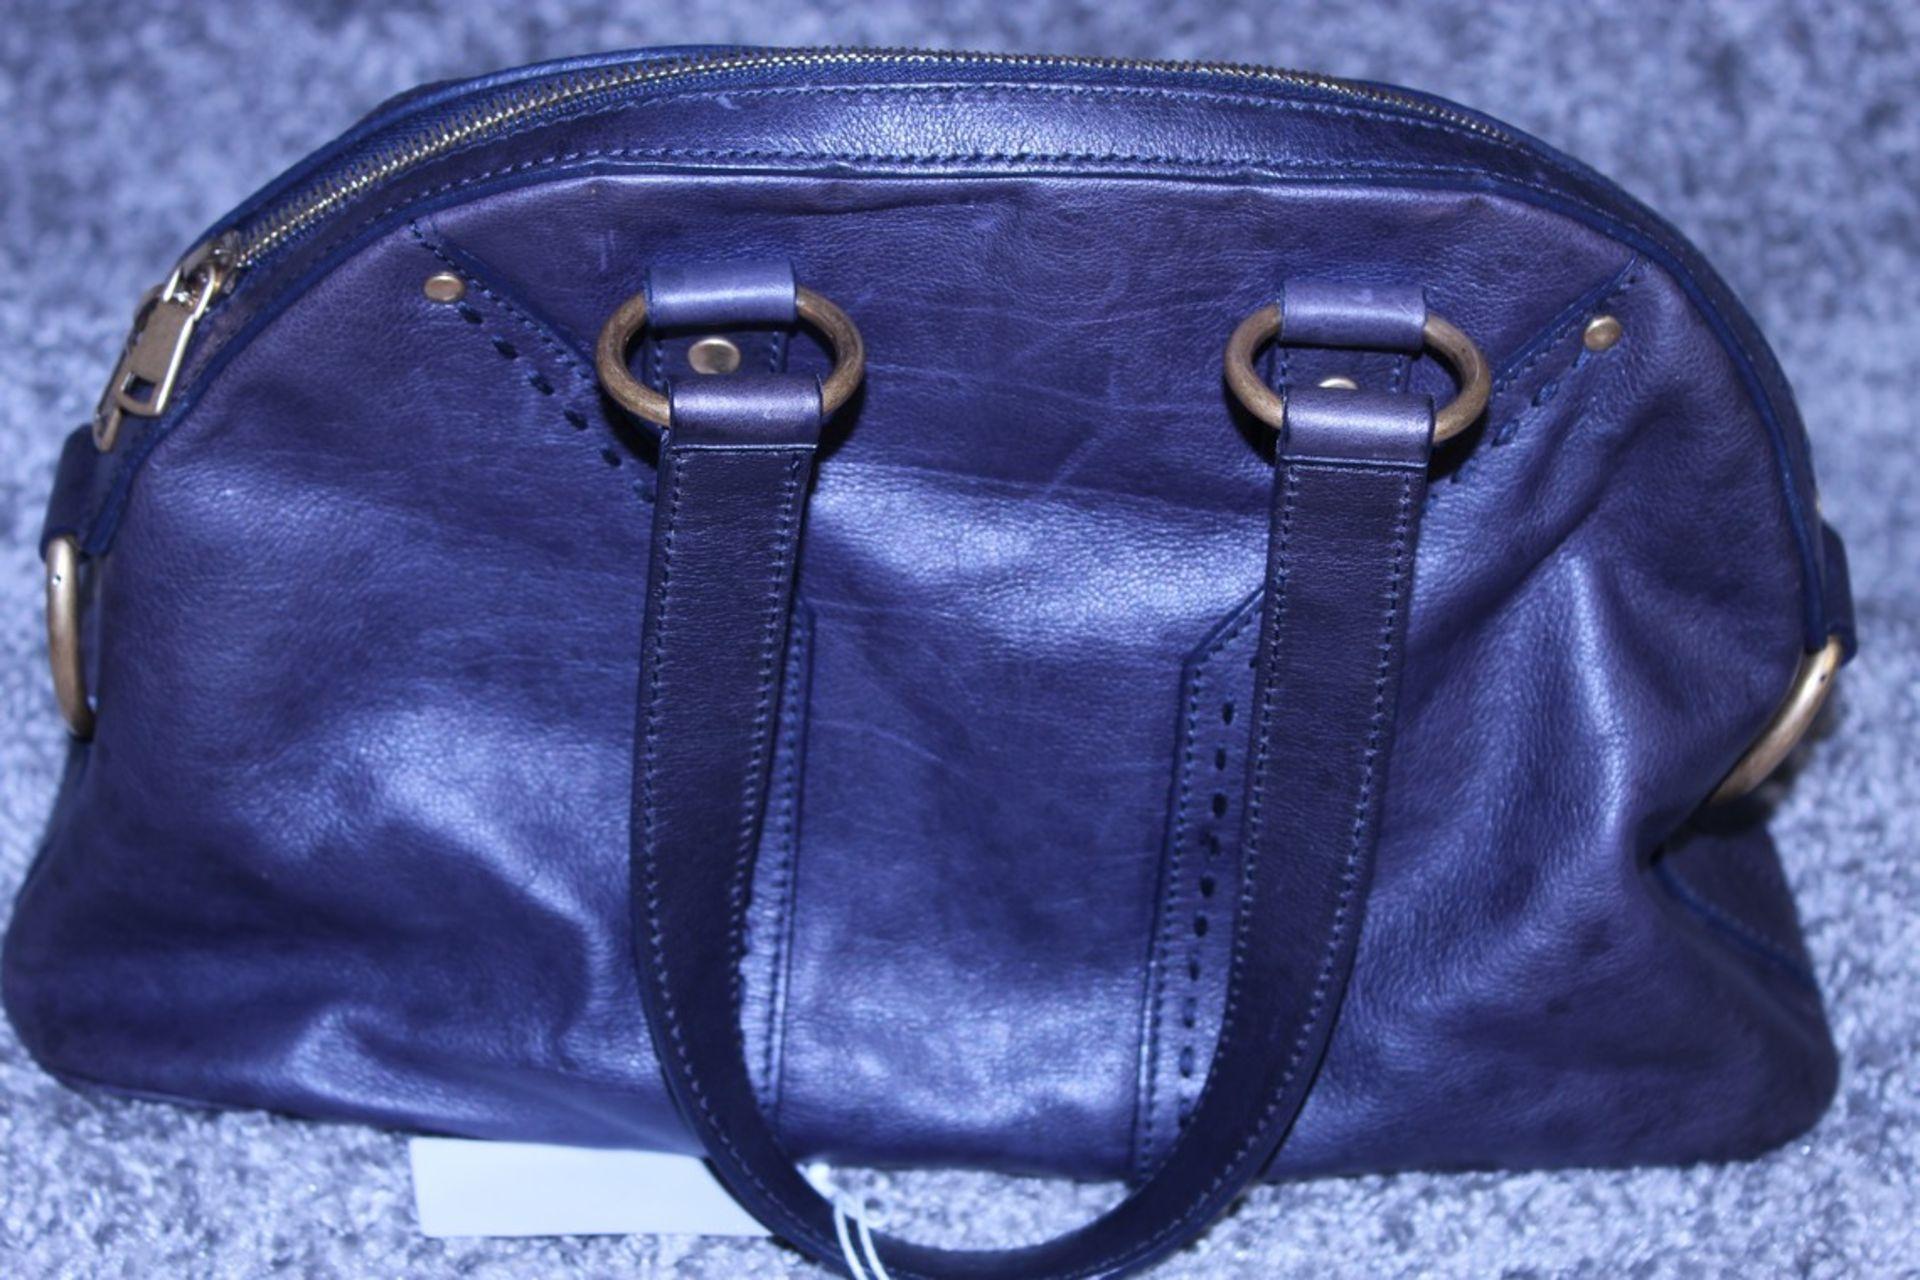 RRP £1,000 Yves St-Lauren Muse 1 Shoulder Bag, Indigo Small Grained Calf Leather Shoulder Bag, ( - Image 2 of 5